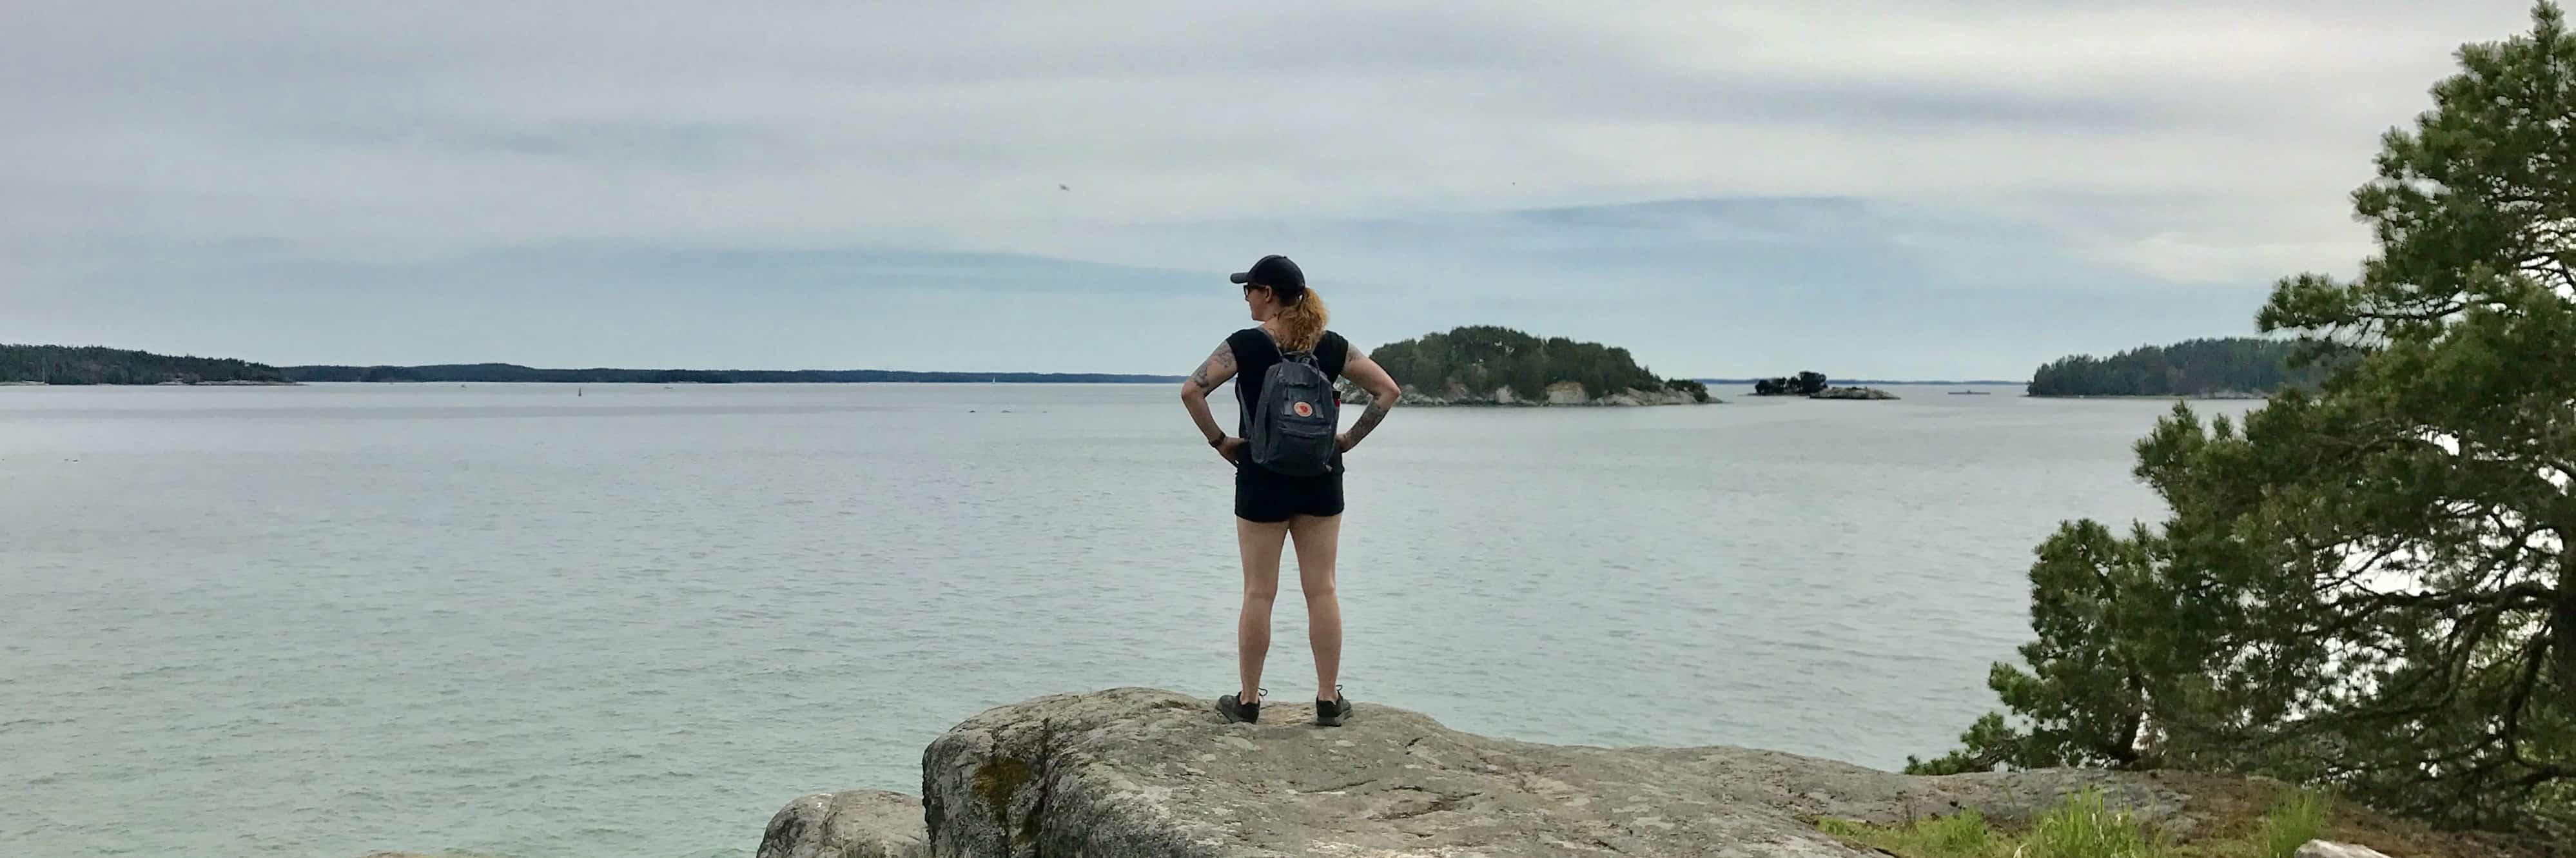 Hannah betternotstop Week Fourteen Roundup Vepsa Turku Finland